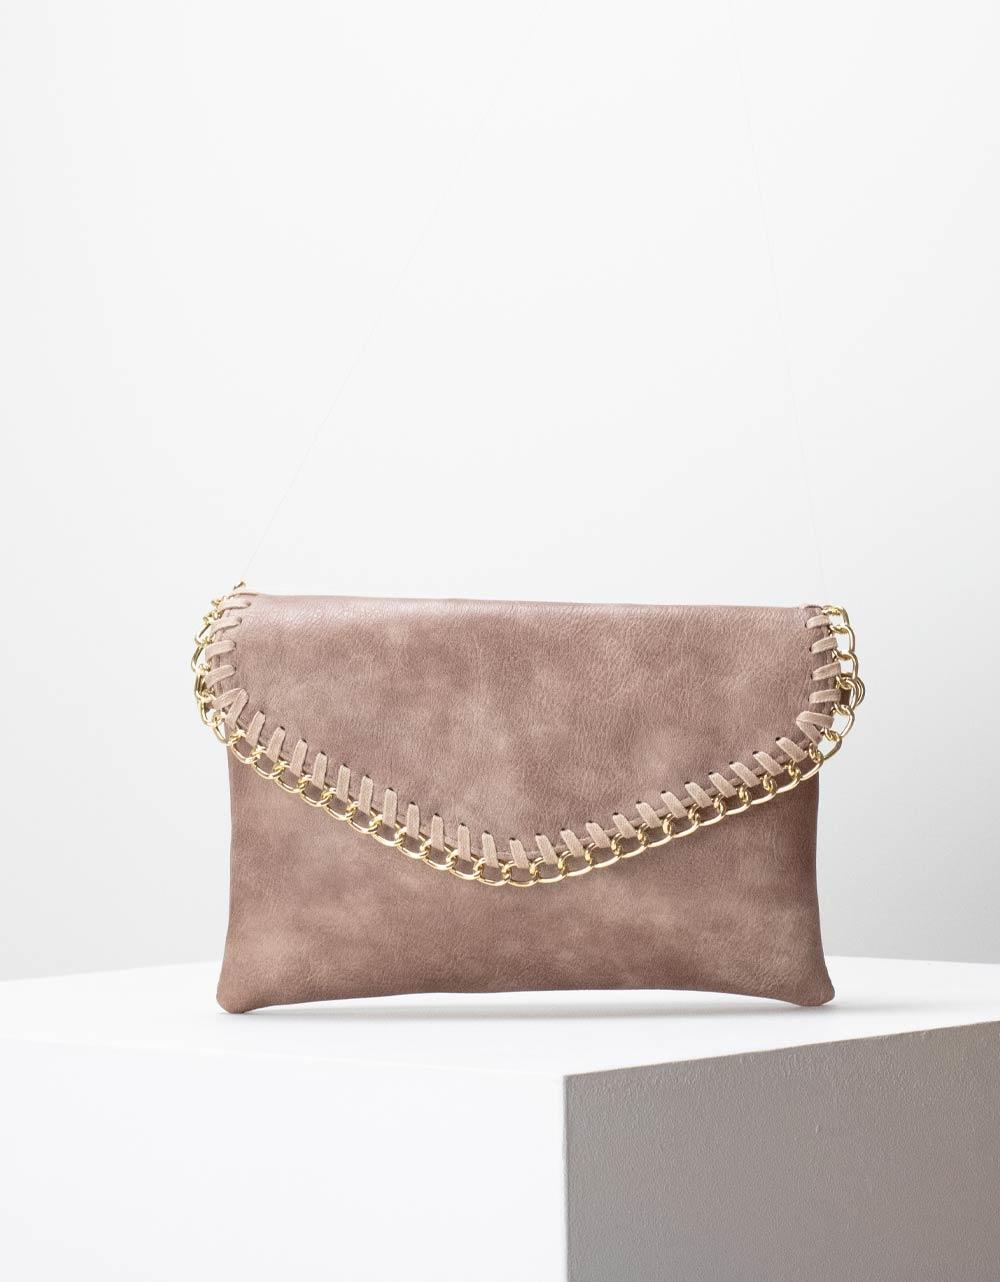 Εικόνα από Γυναικεία τσάντα ώμου με διακοσμητική αλυσίδα στο καπάκι Ροζ